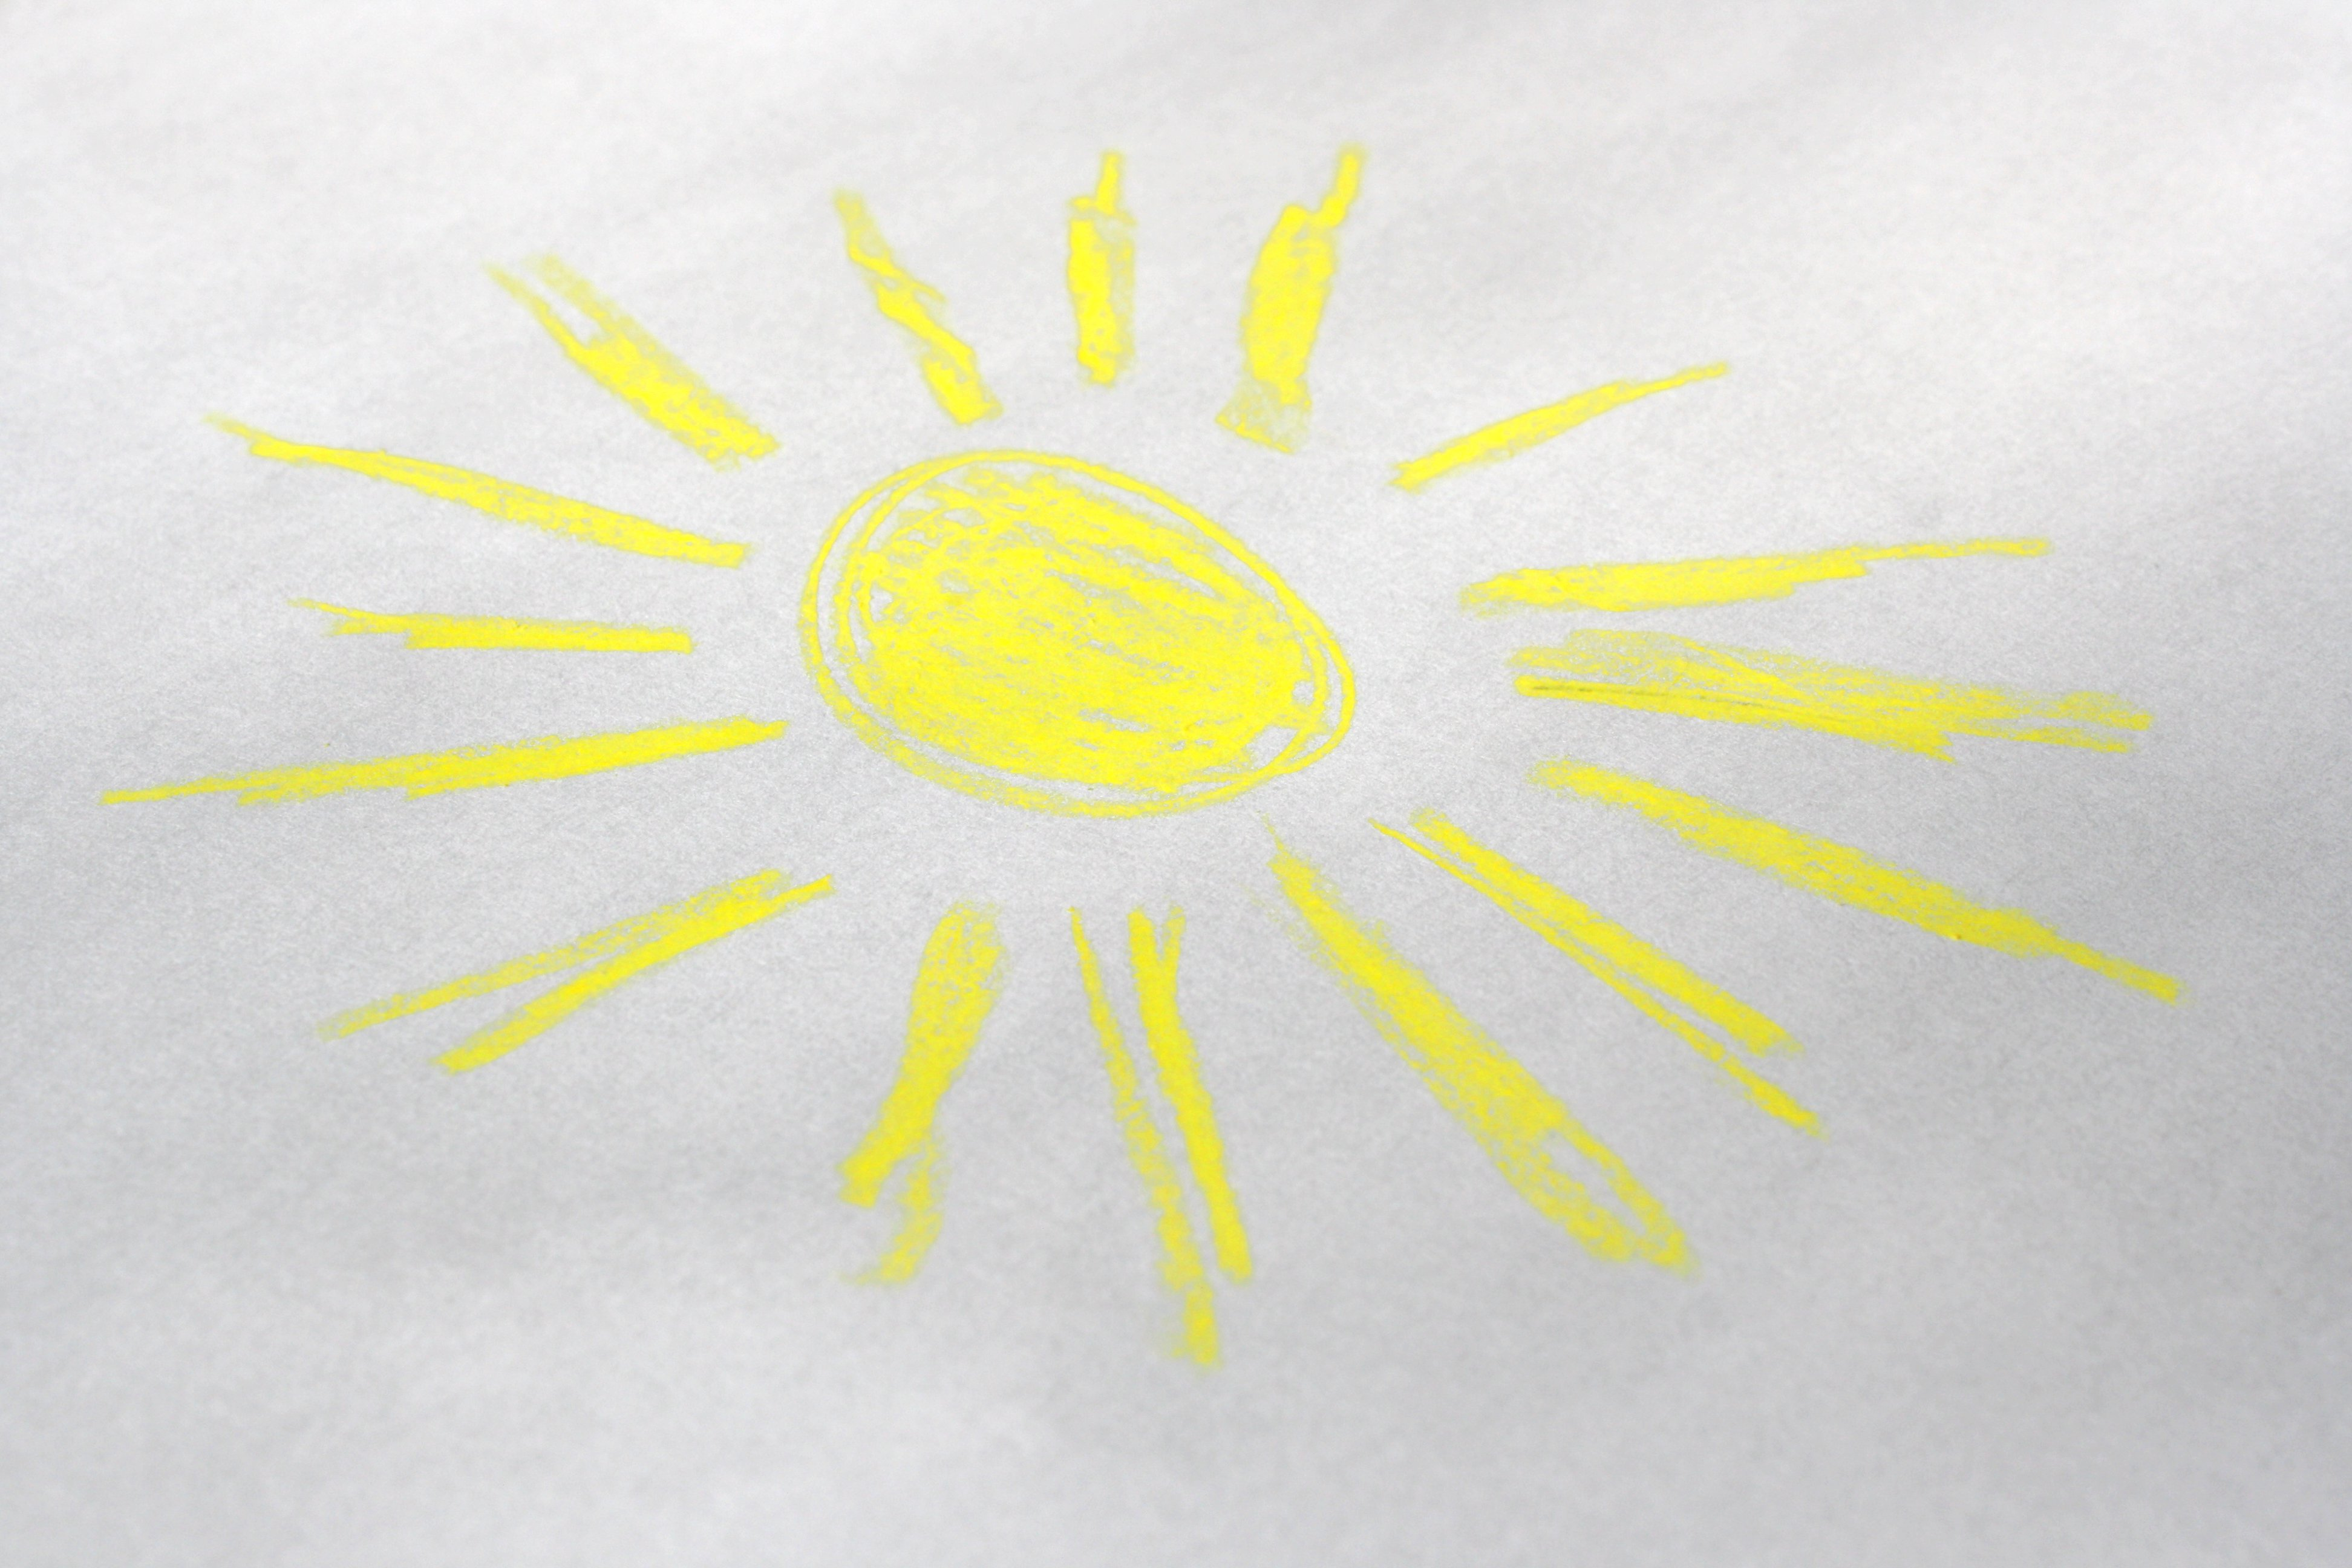 Drawn sunlight Domain Photographs Crayon Sun Photos